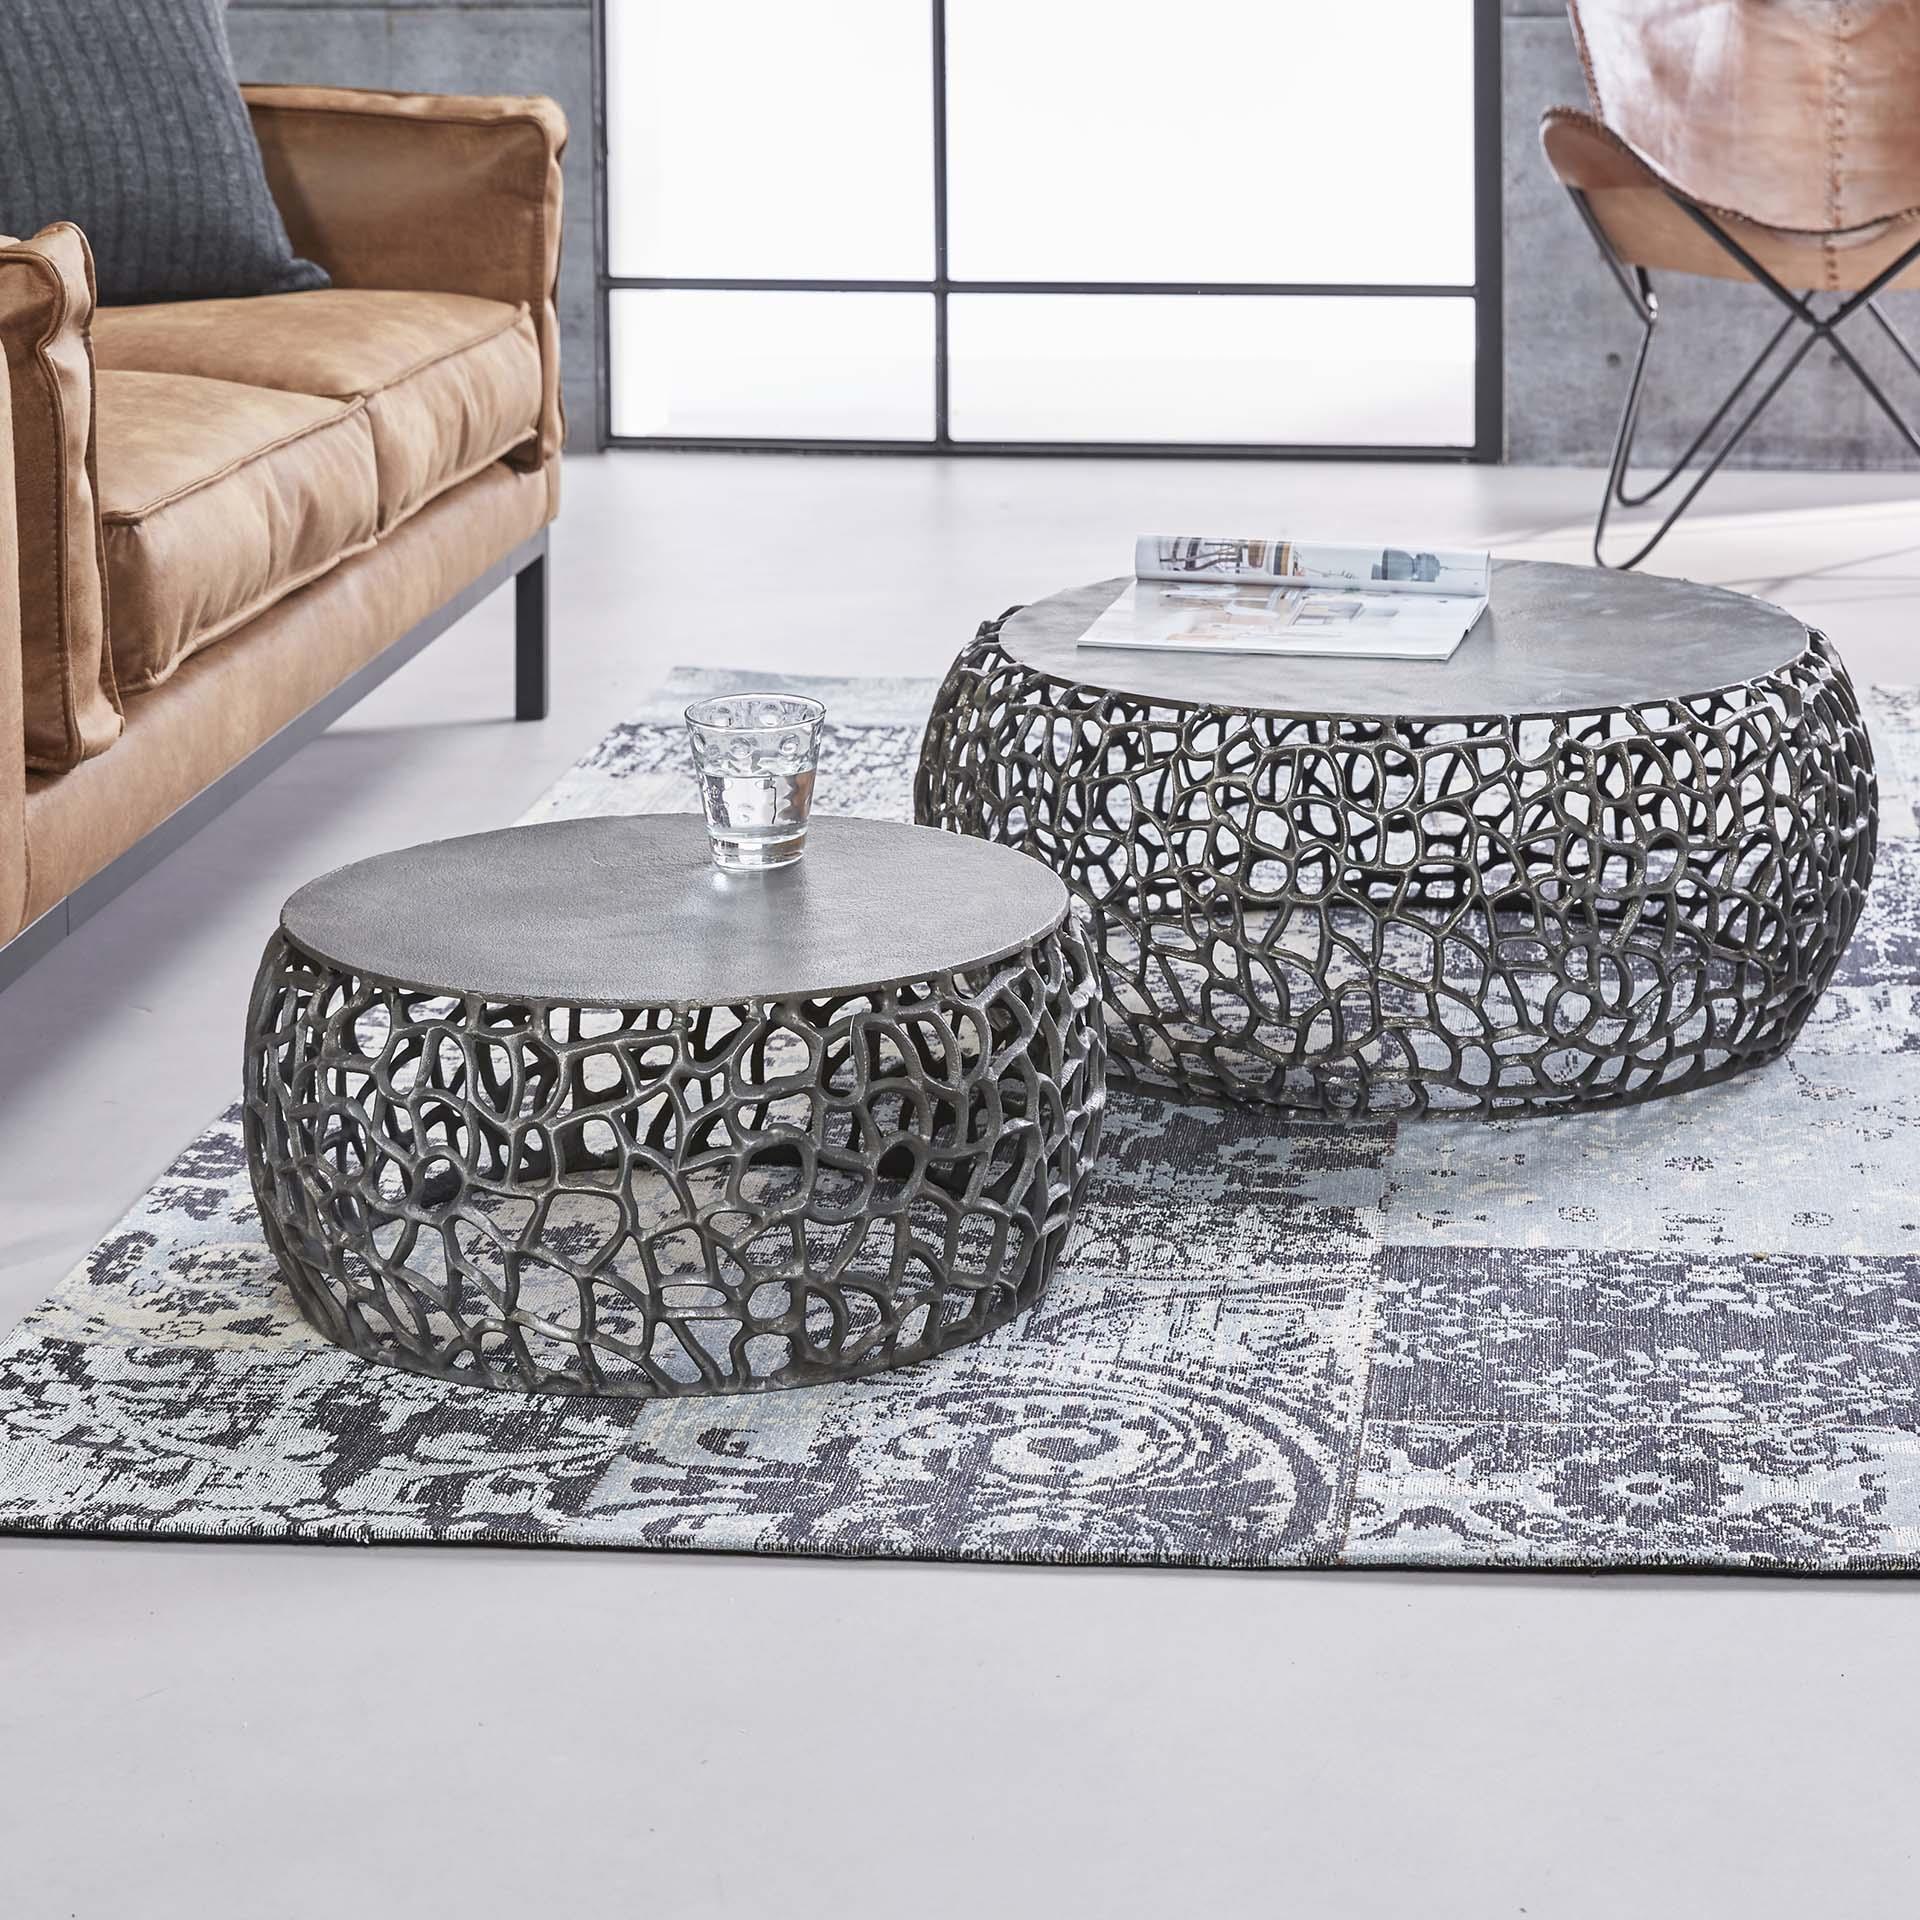 Salontafel 'Marcello' Set van 2 stuks Tafels | Salontafels vergelijken doe je het voordeligst hier bij Meubelpartner